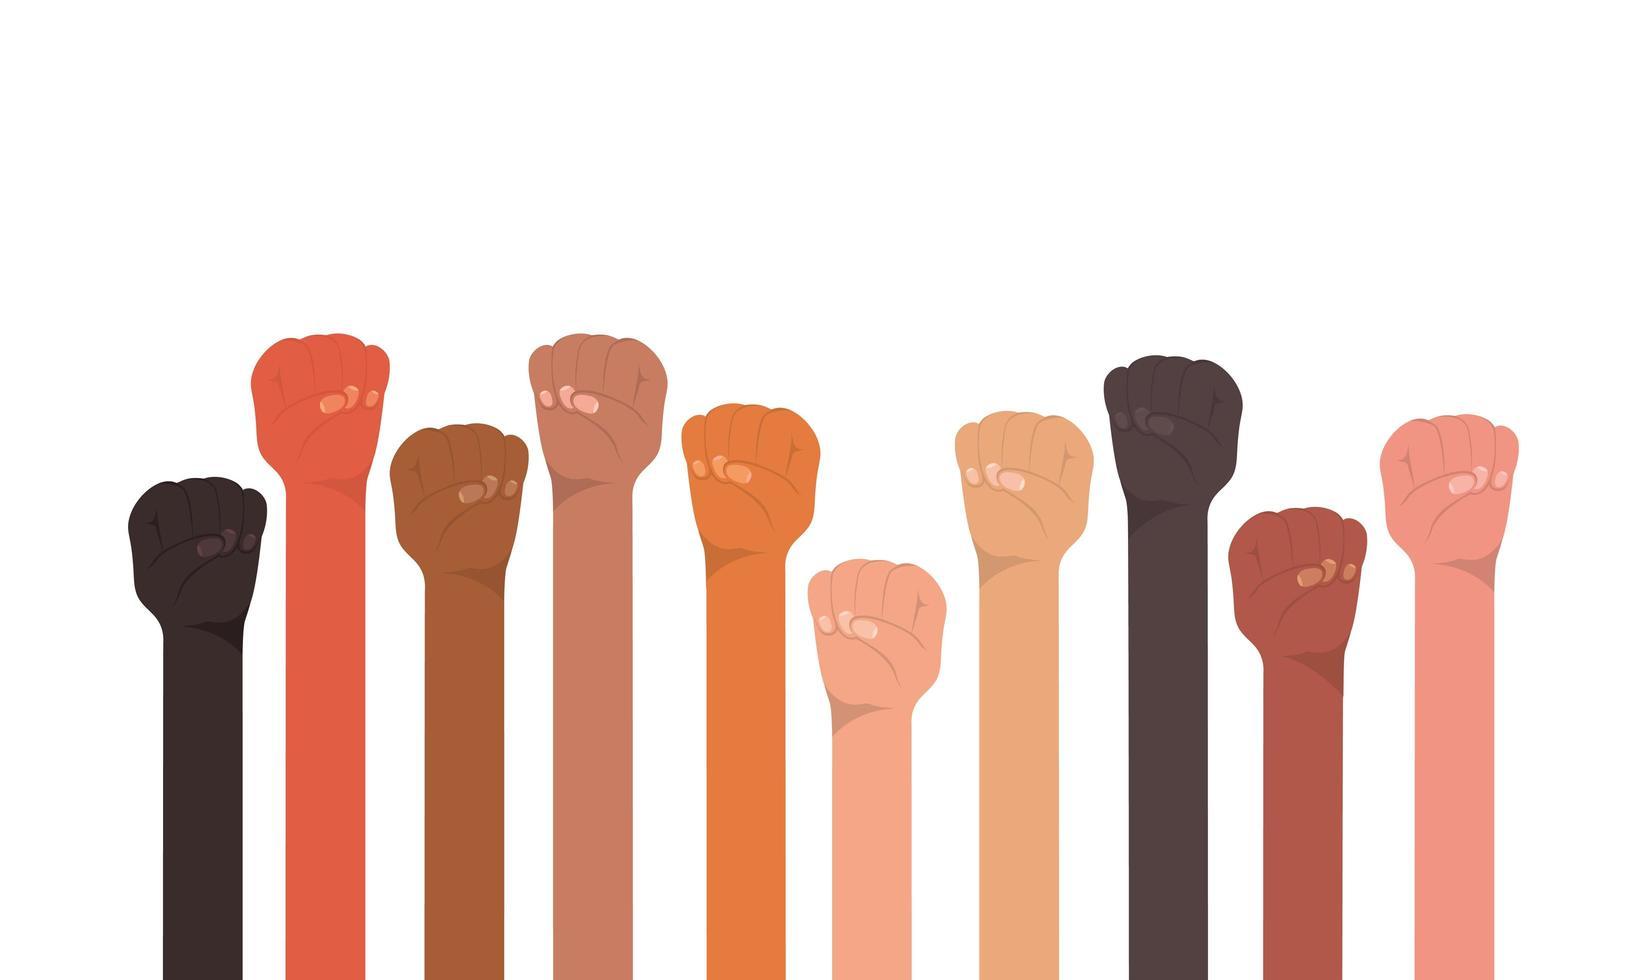 knytnävehänder upp av olika typer av skinn vektor